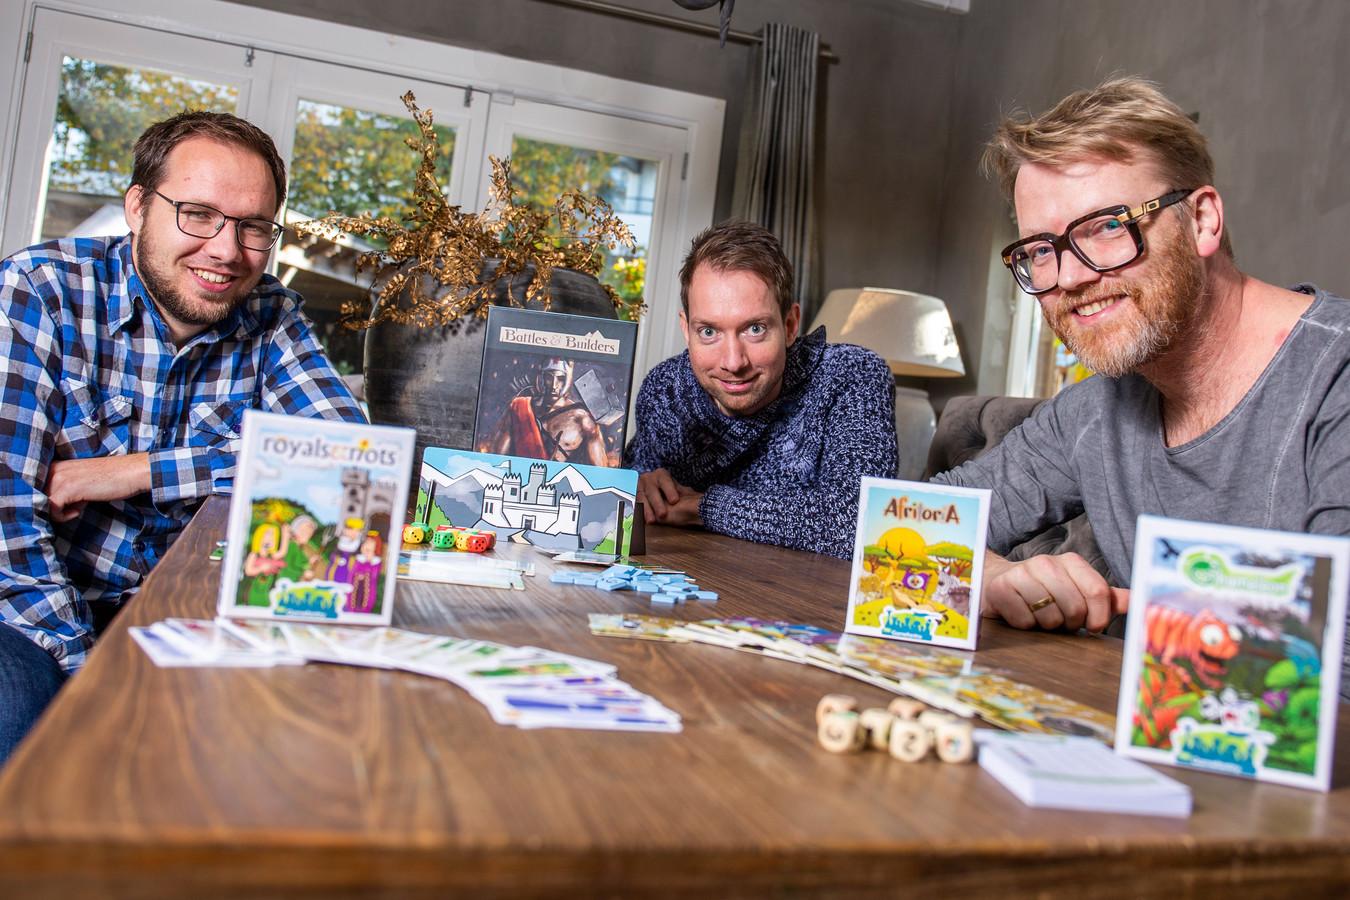 (Vlnr) Niek van den Brink, Matthijs Vertegaal en Paul Gigengack van spelletjesuitgeverij TheGamefantry.